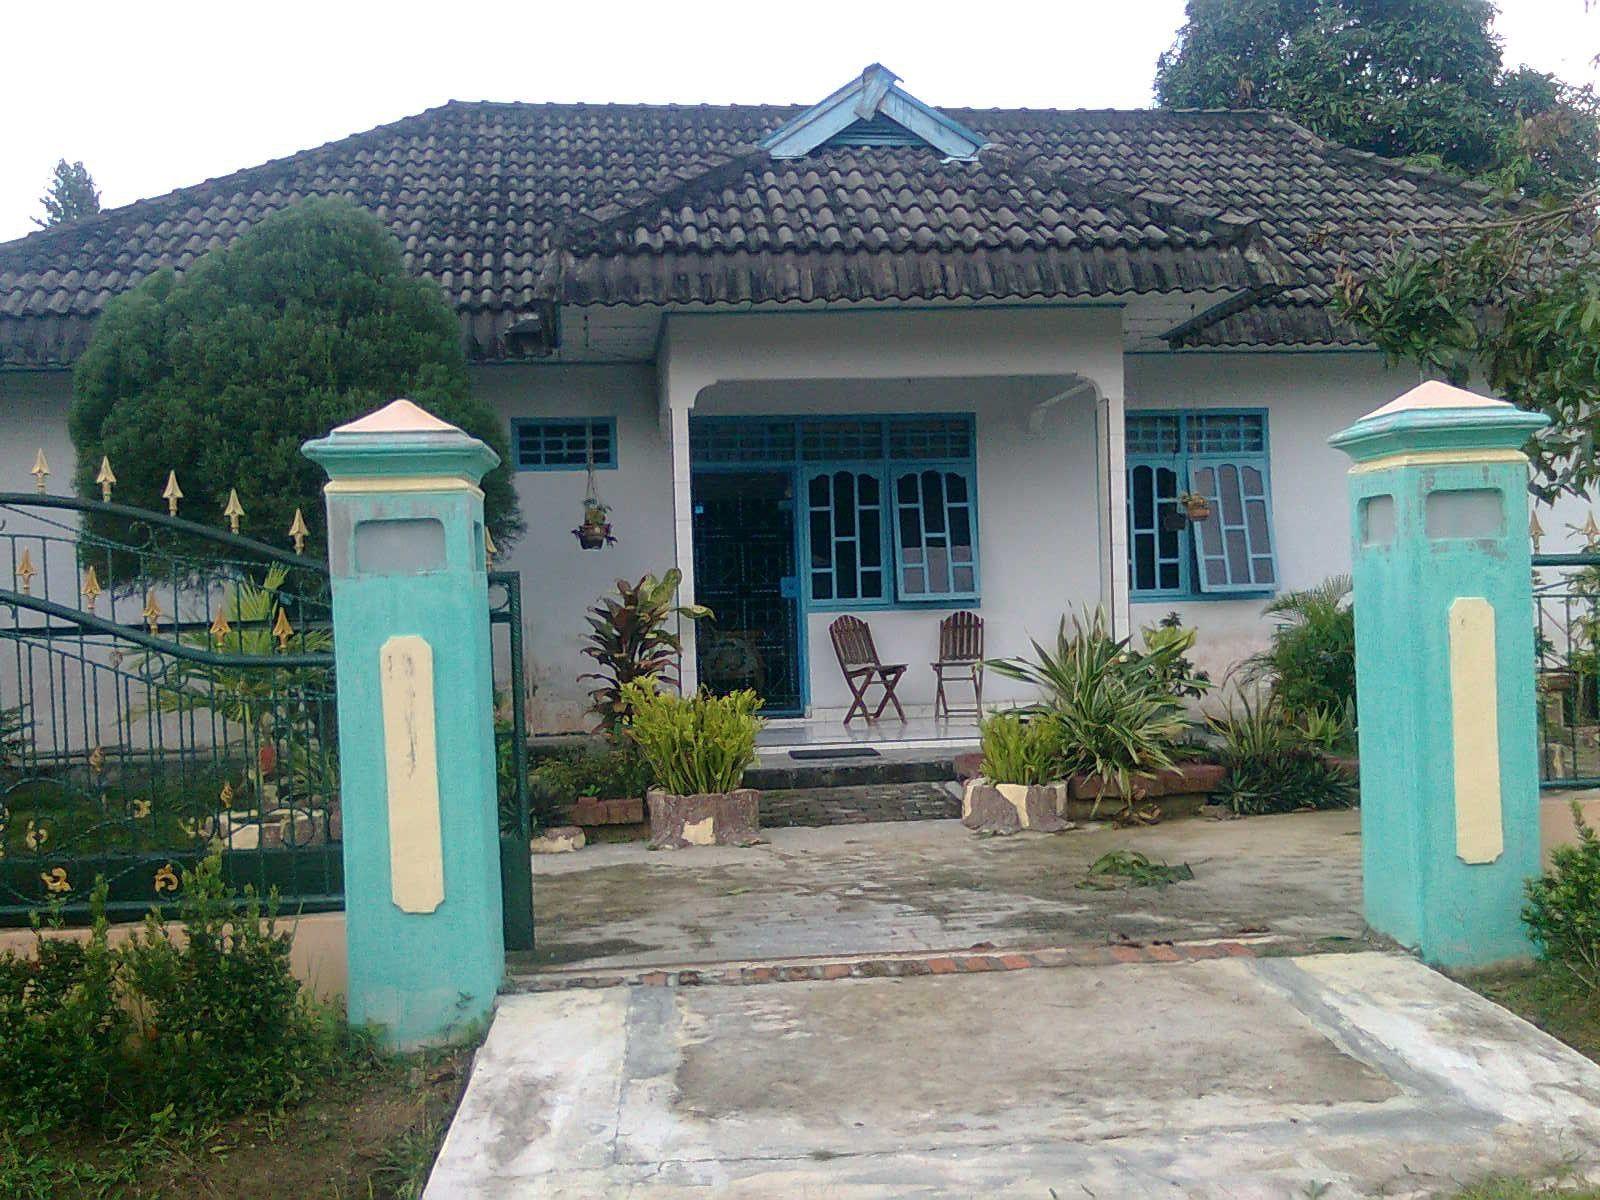 Desain Pintu Rumah Dengan Warna Hijau